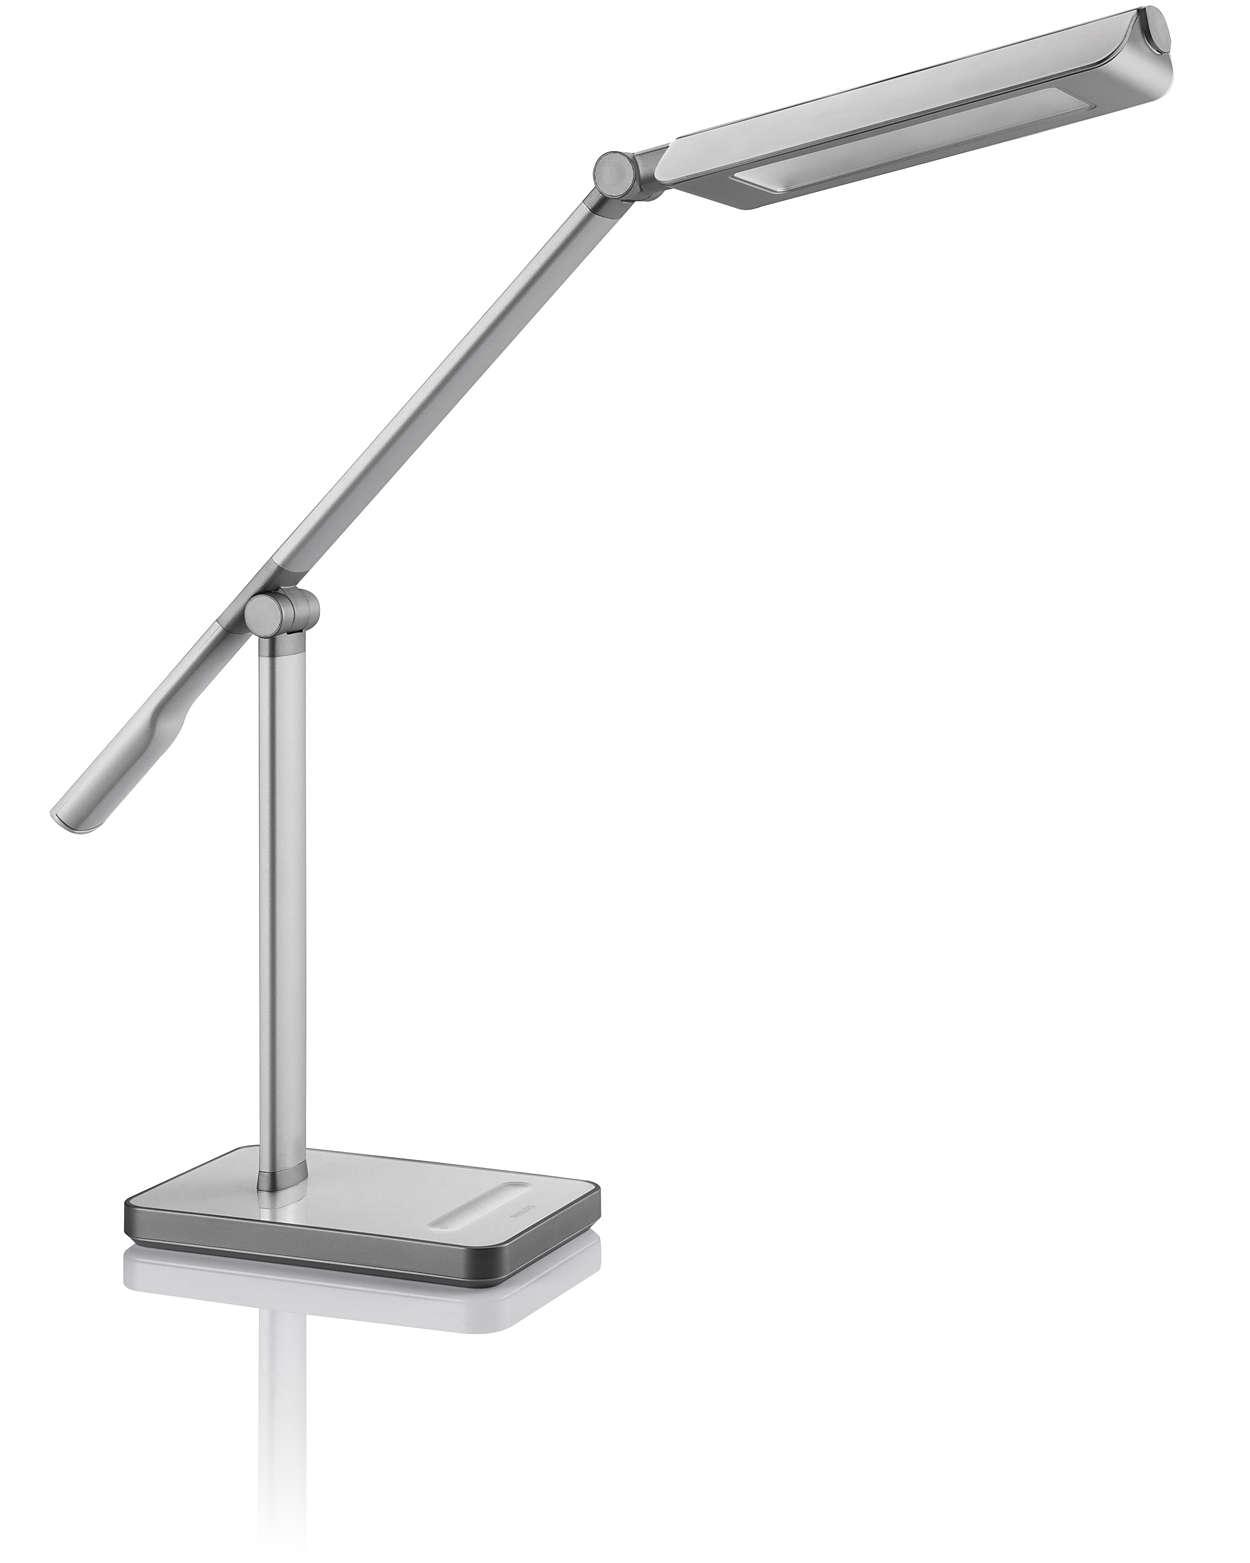 Advanced desk lighting for a brighter future